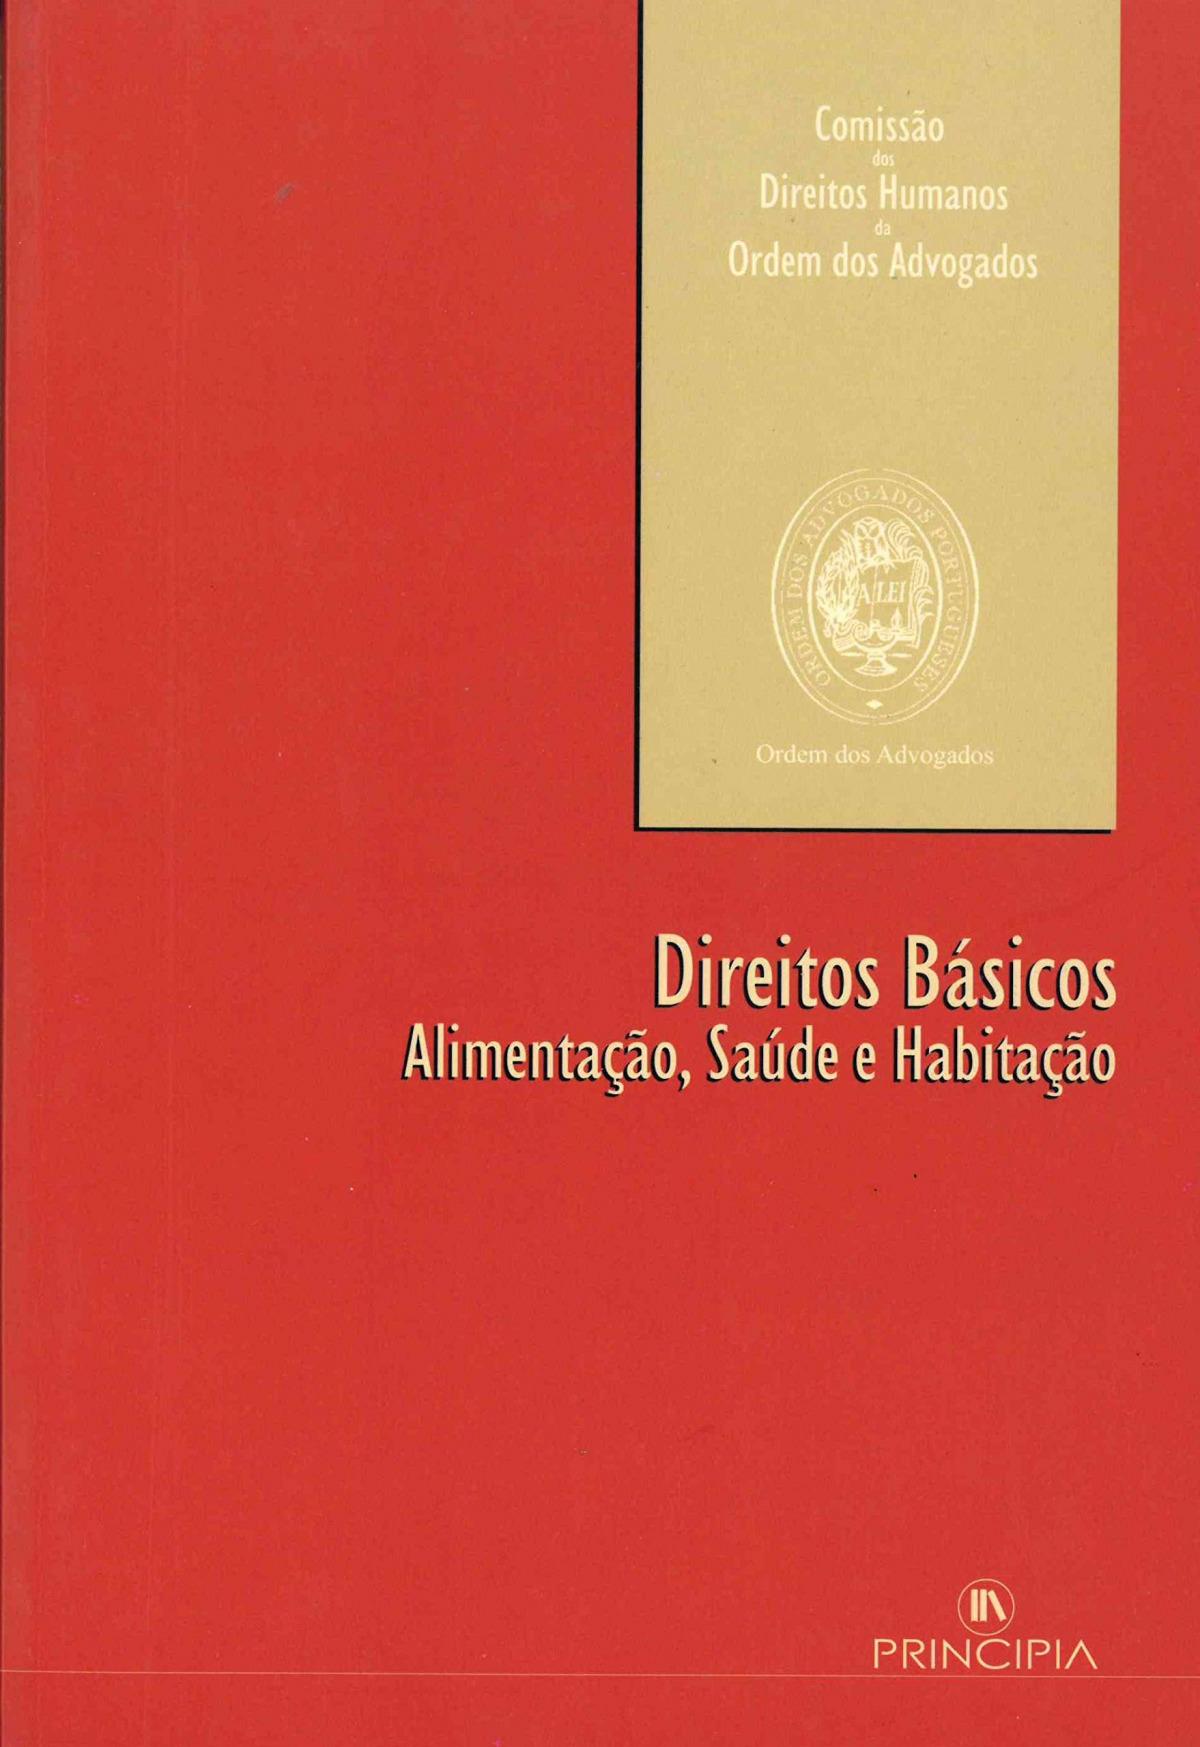 Direitos Básicos- Alimentação, Saude e Habitação - 9789898131140